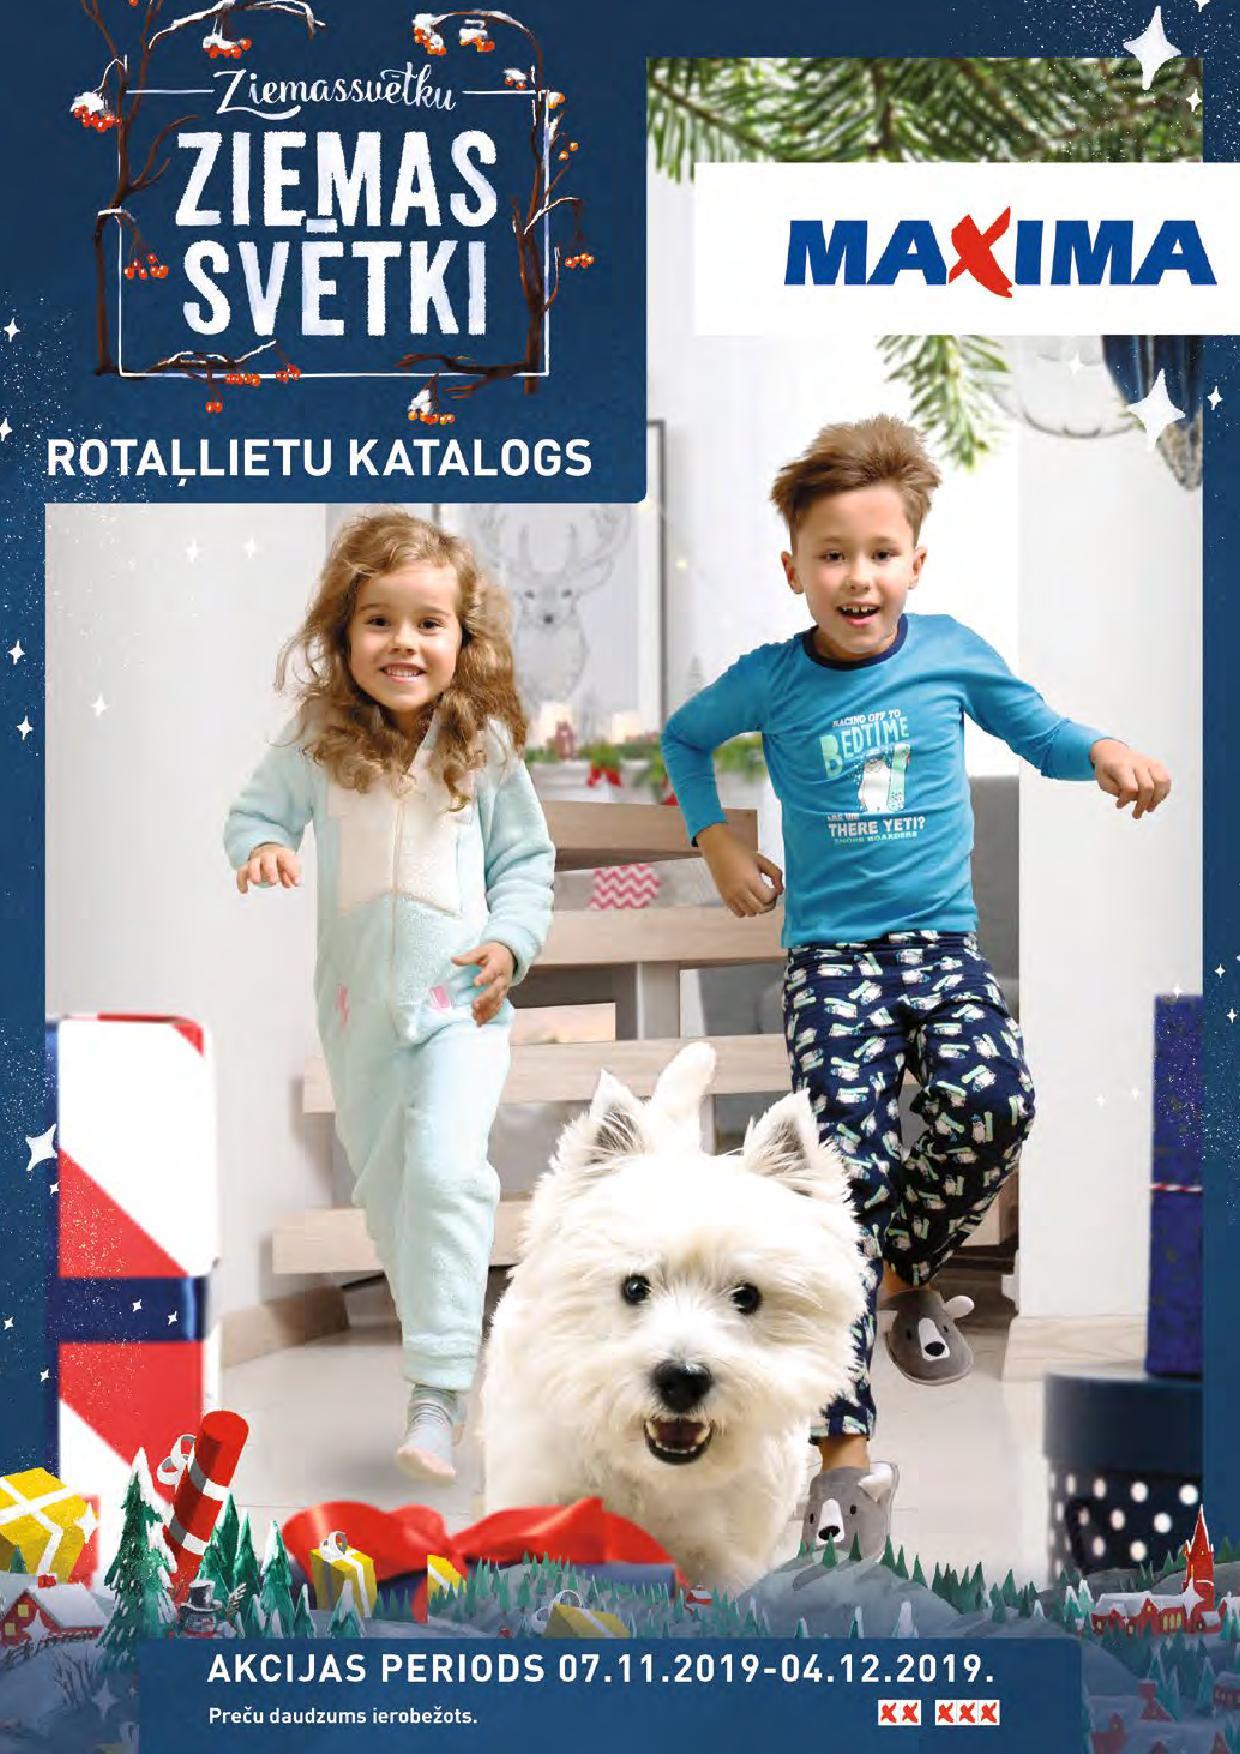 MAXIMA Rotaļlietu katalogs 07.11.2019 - 04.12.2019